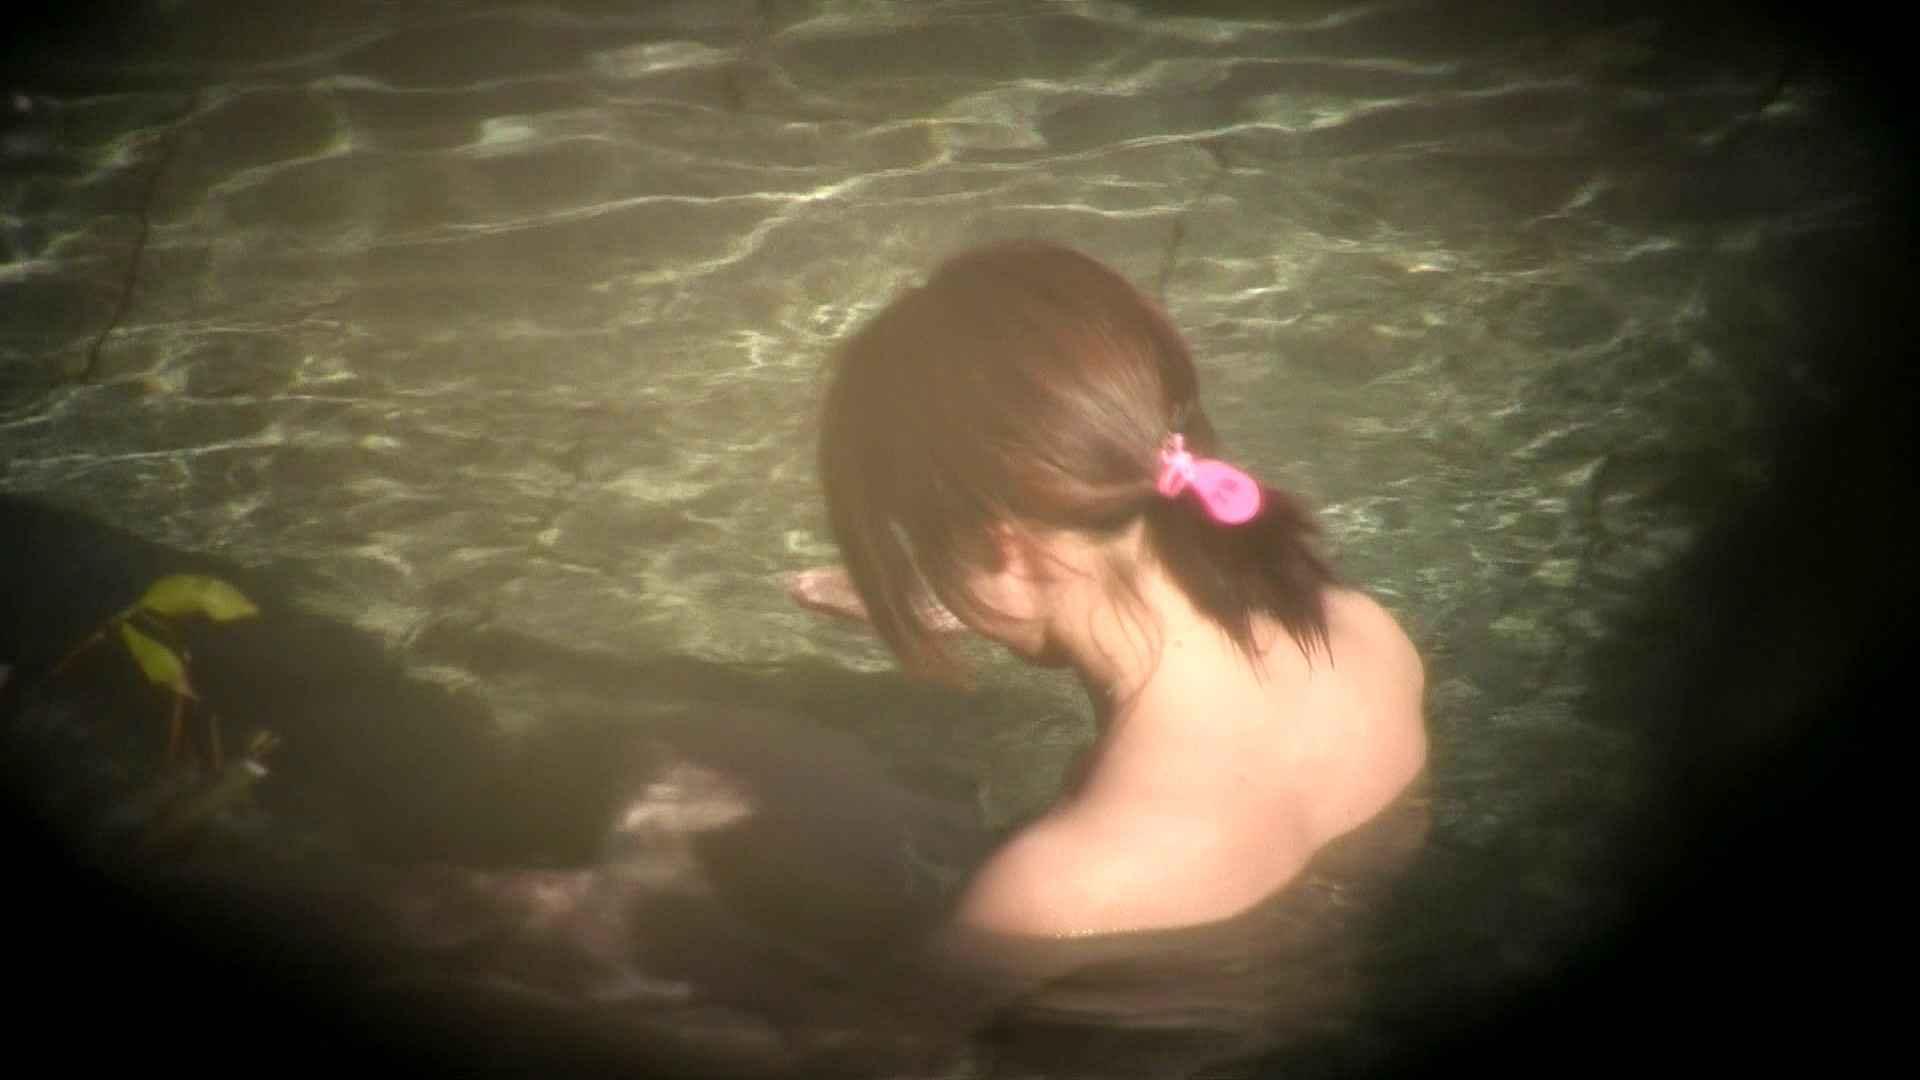 Aquaな露天風呂Vol.698 露天 | OLエロ画像  30PICs 16